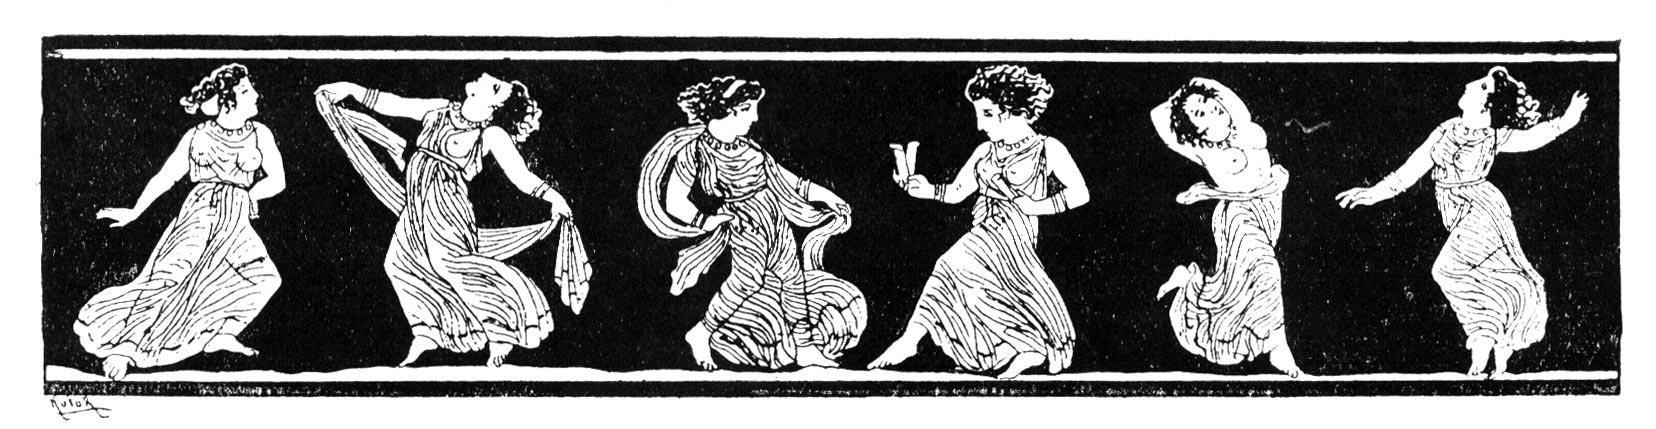 antica danza sacra